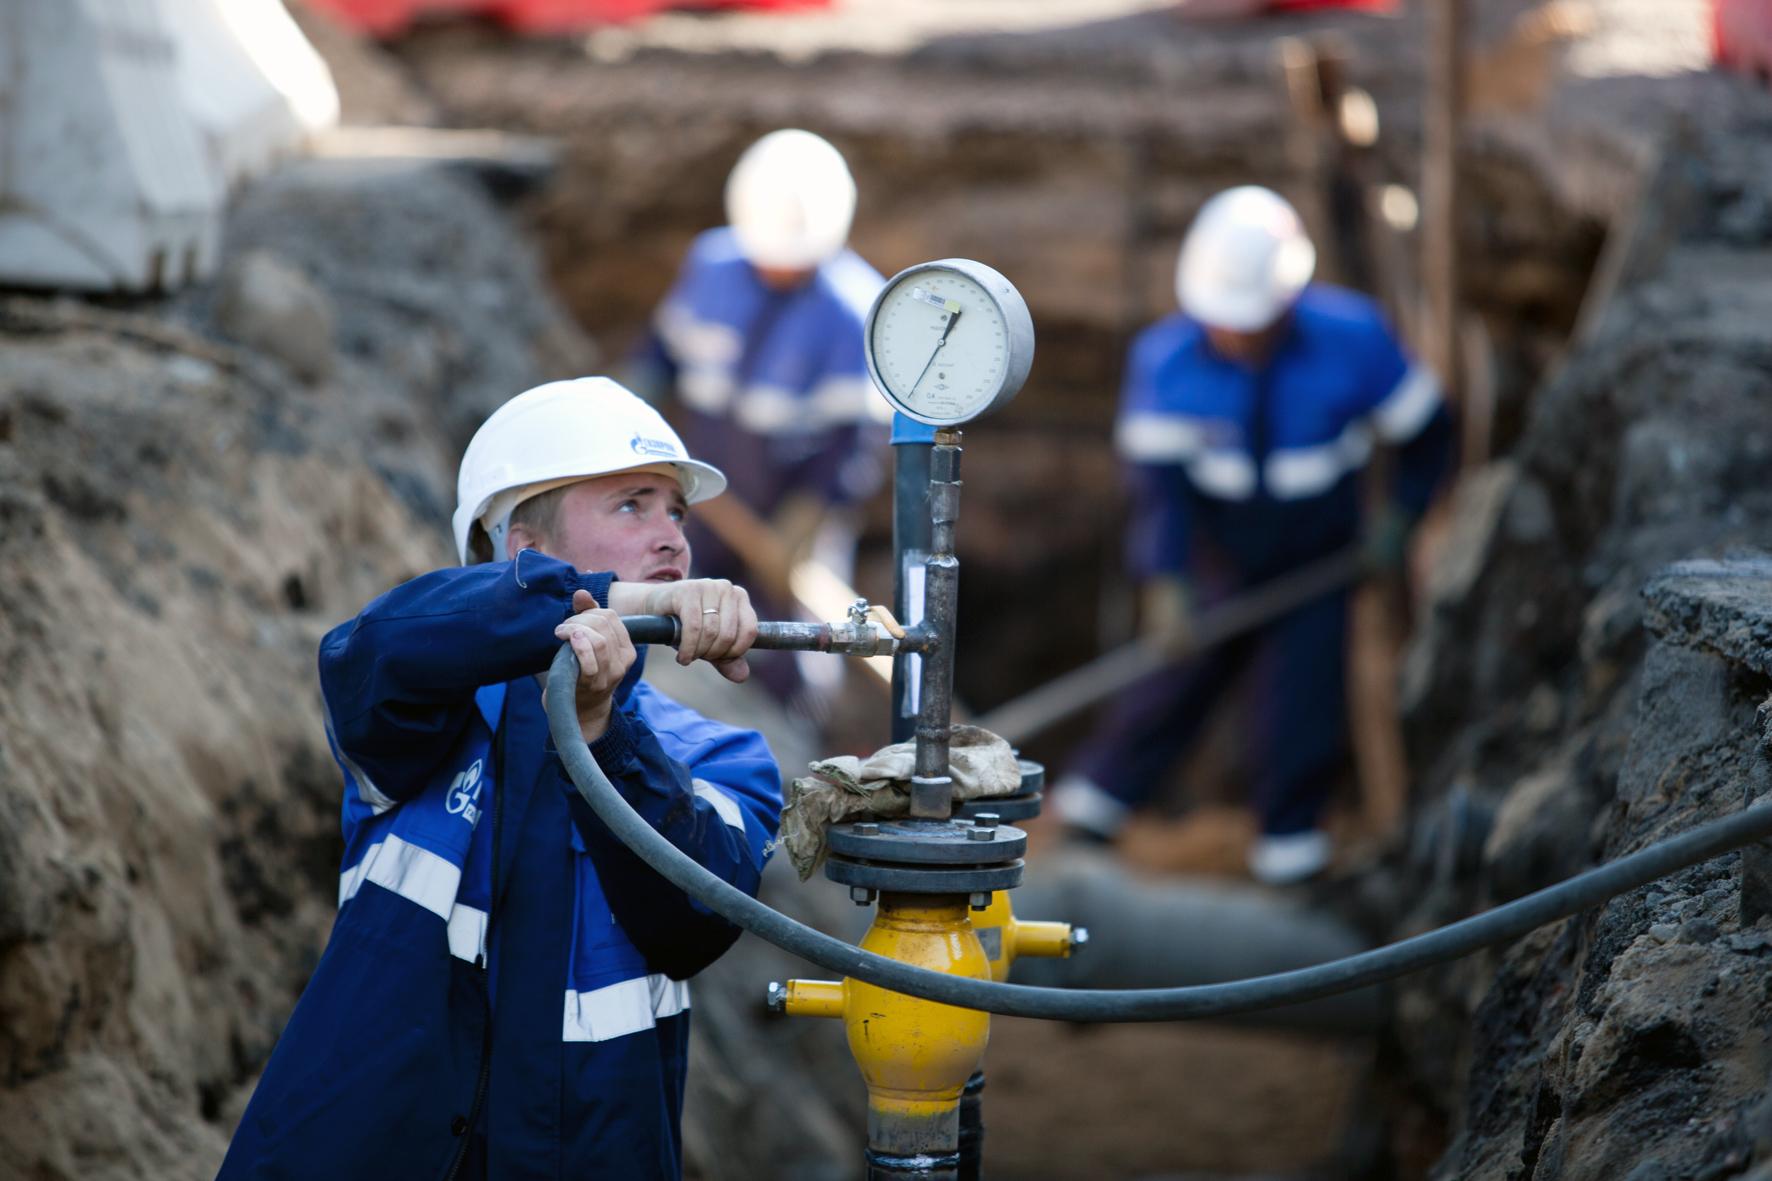 В газификацию Вологодской области вложат около 0,5 млрд рублей